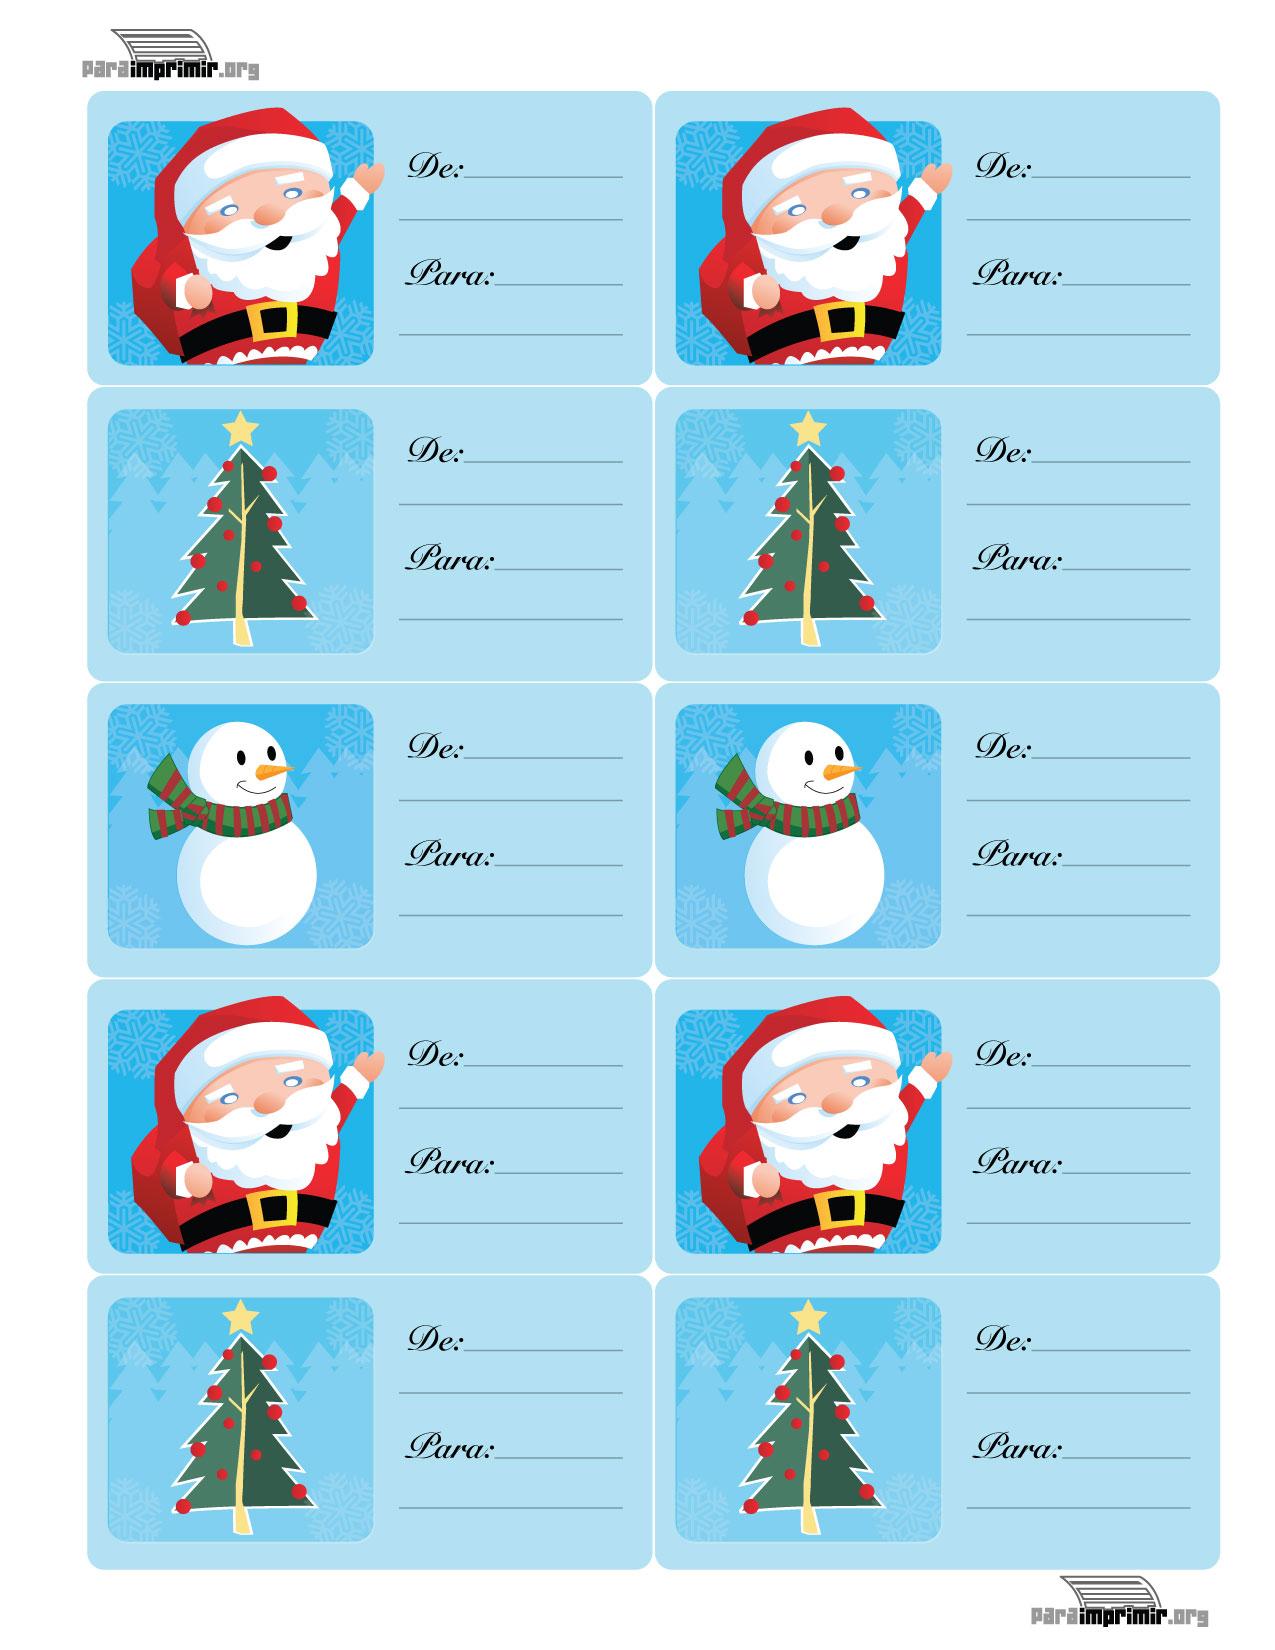 Etiquetas de navidad para imprimir laclasedeptdemontse - Imagenes de navidad para imprimir gratis ...